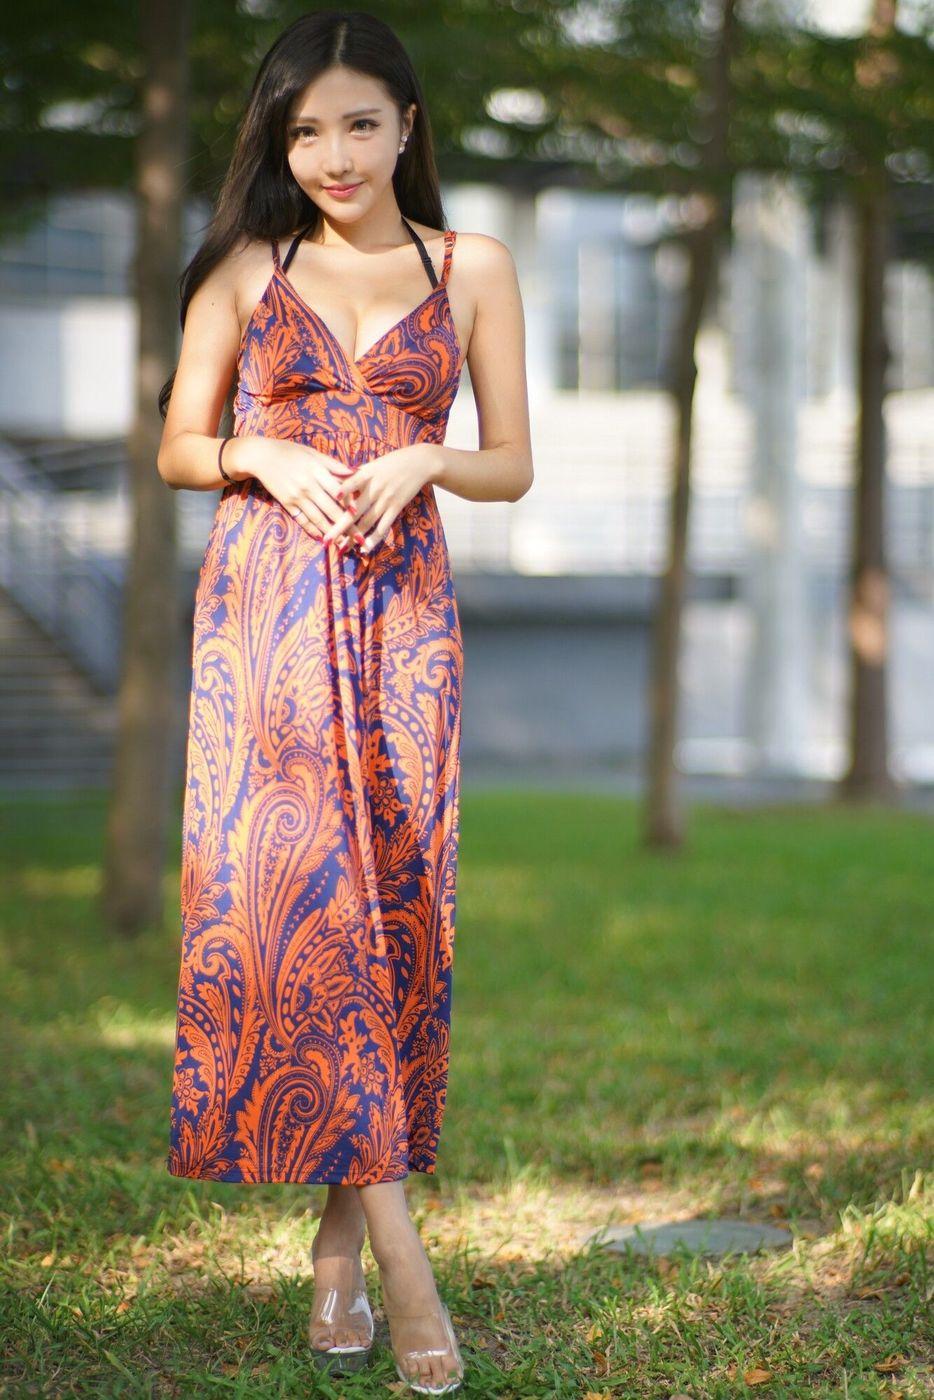 长裙美女美腿爆乳腿模台湾美女性感女神-[赵芸]超高清写真图片|1620109724更新